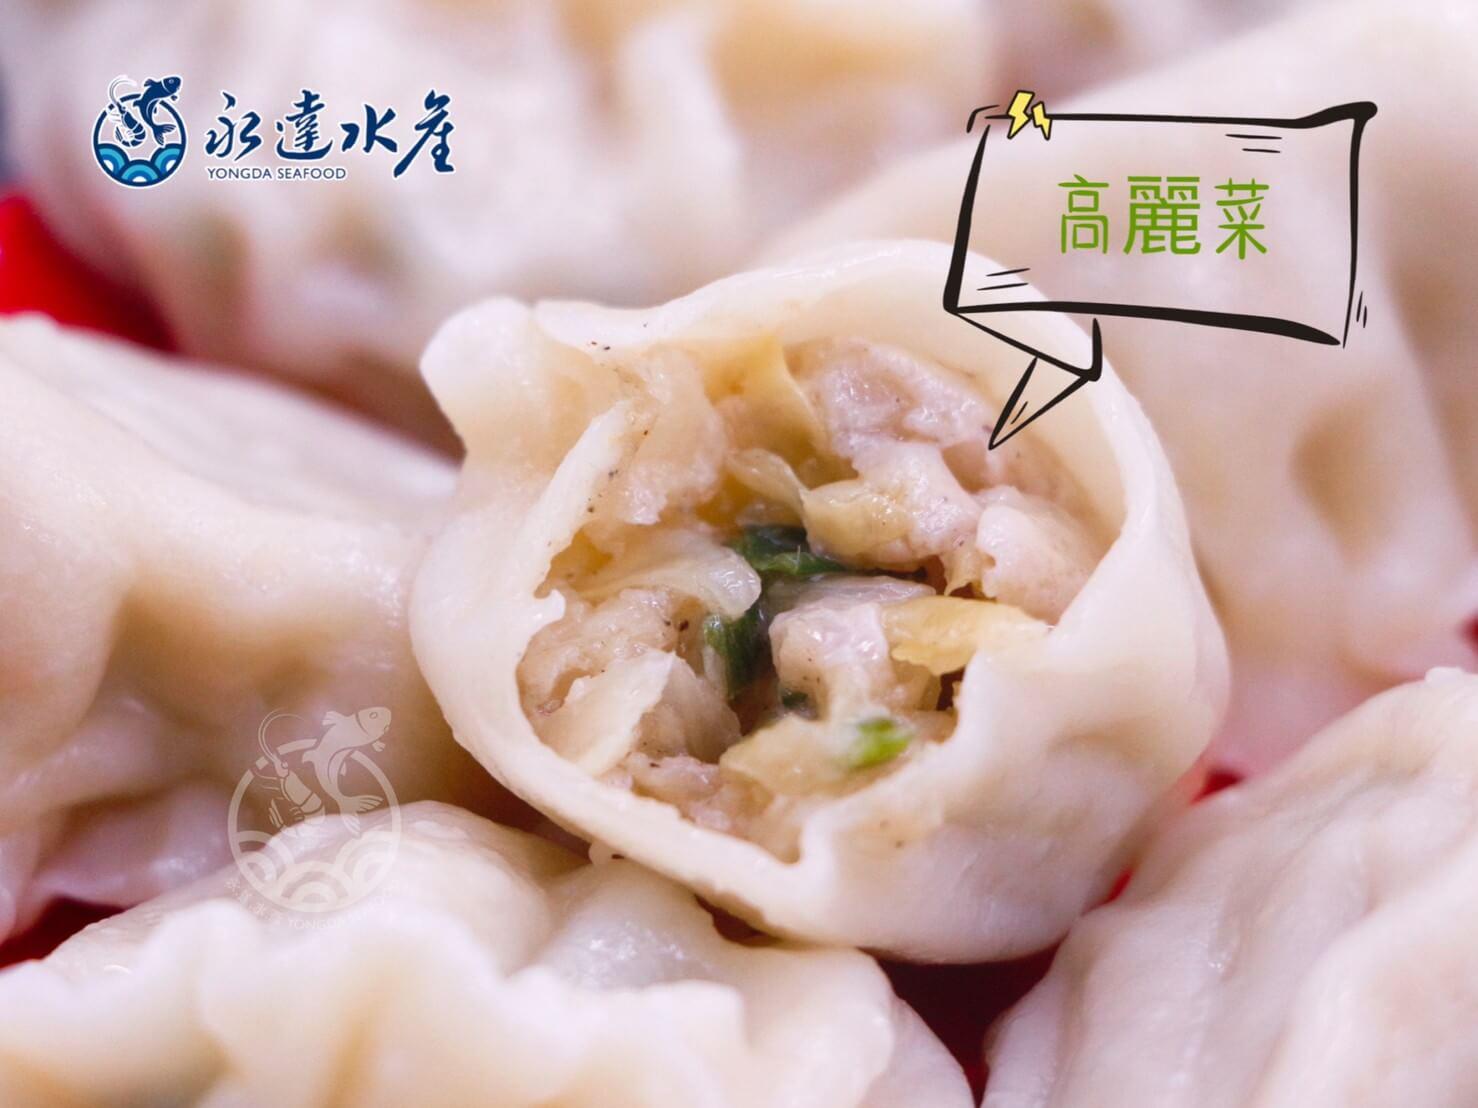 食品|蔥媽媽高麗菜豬肉水餃|高麗菜豬肉水餃|豬肉水餃|高麗菜水餃|水餃